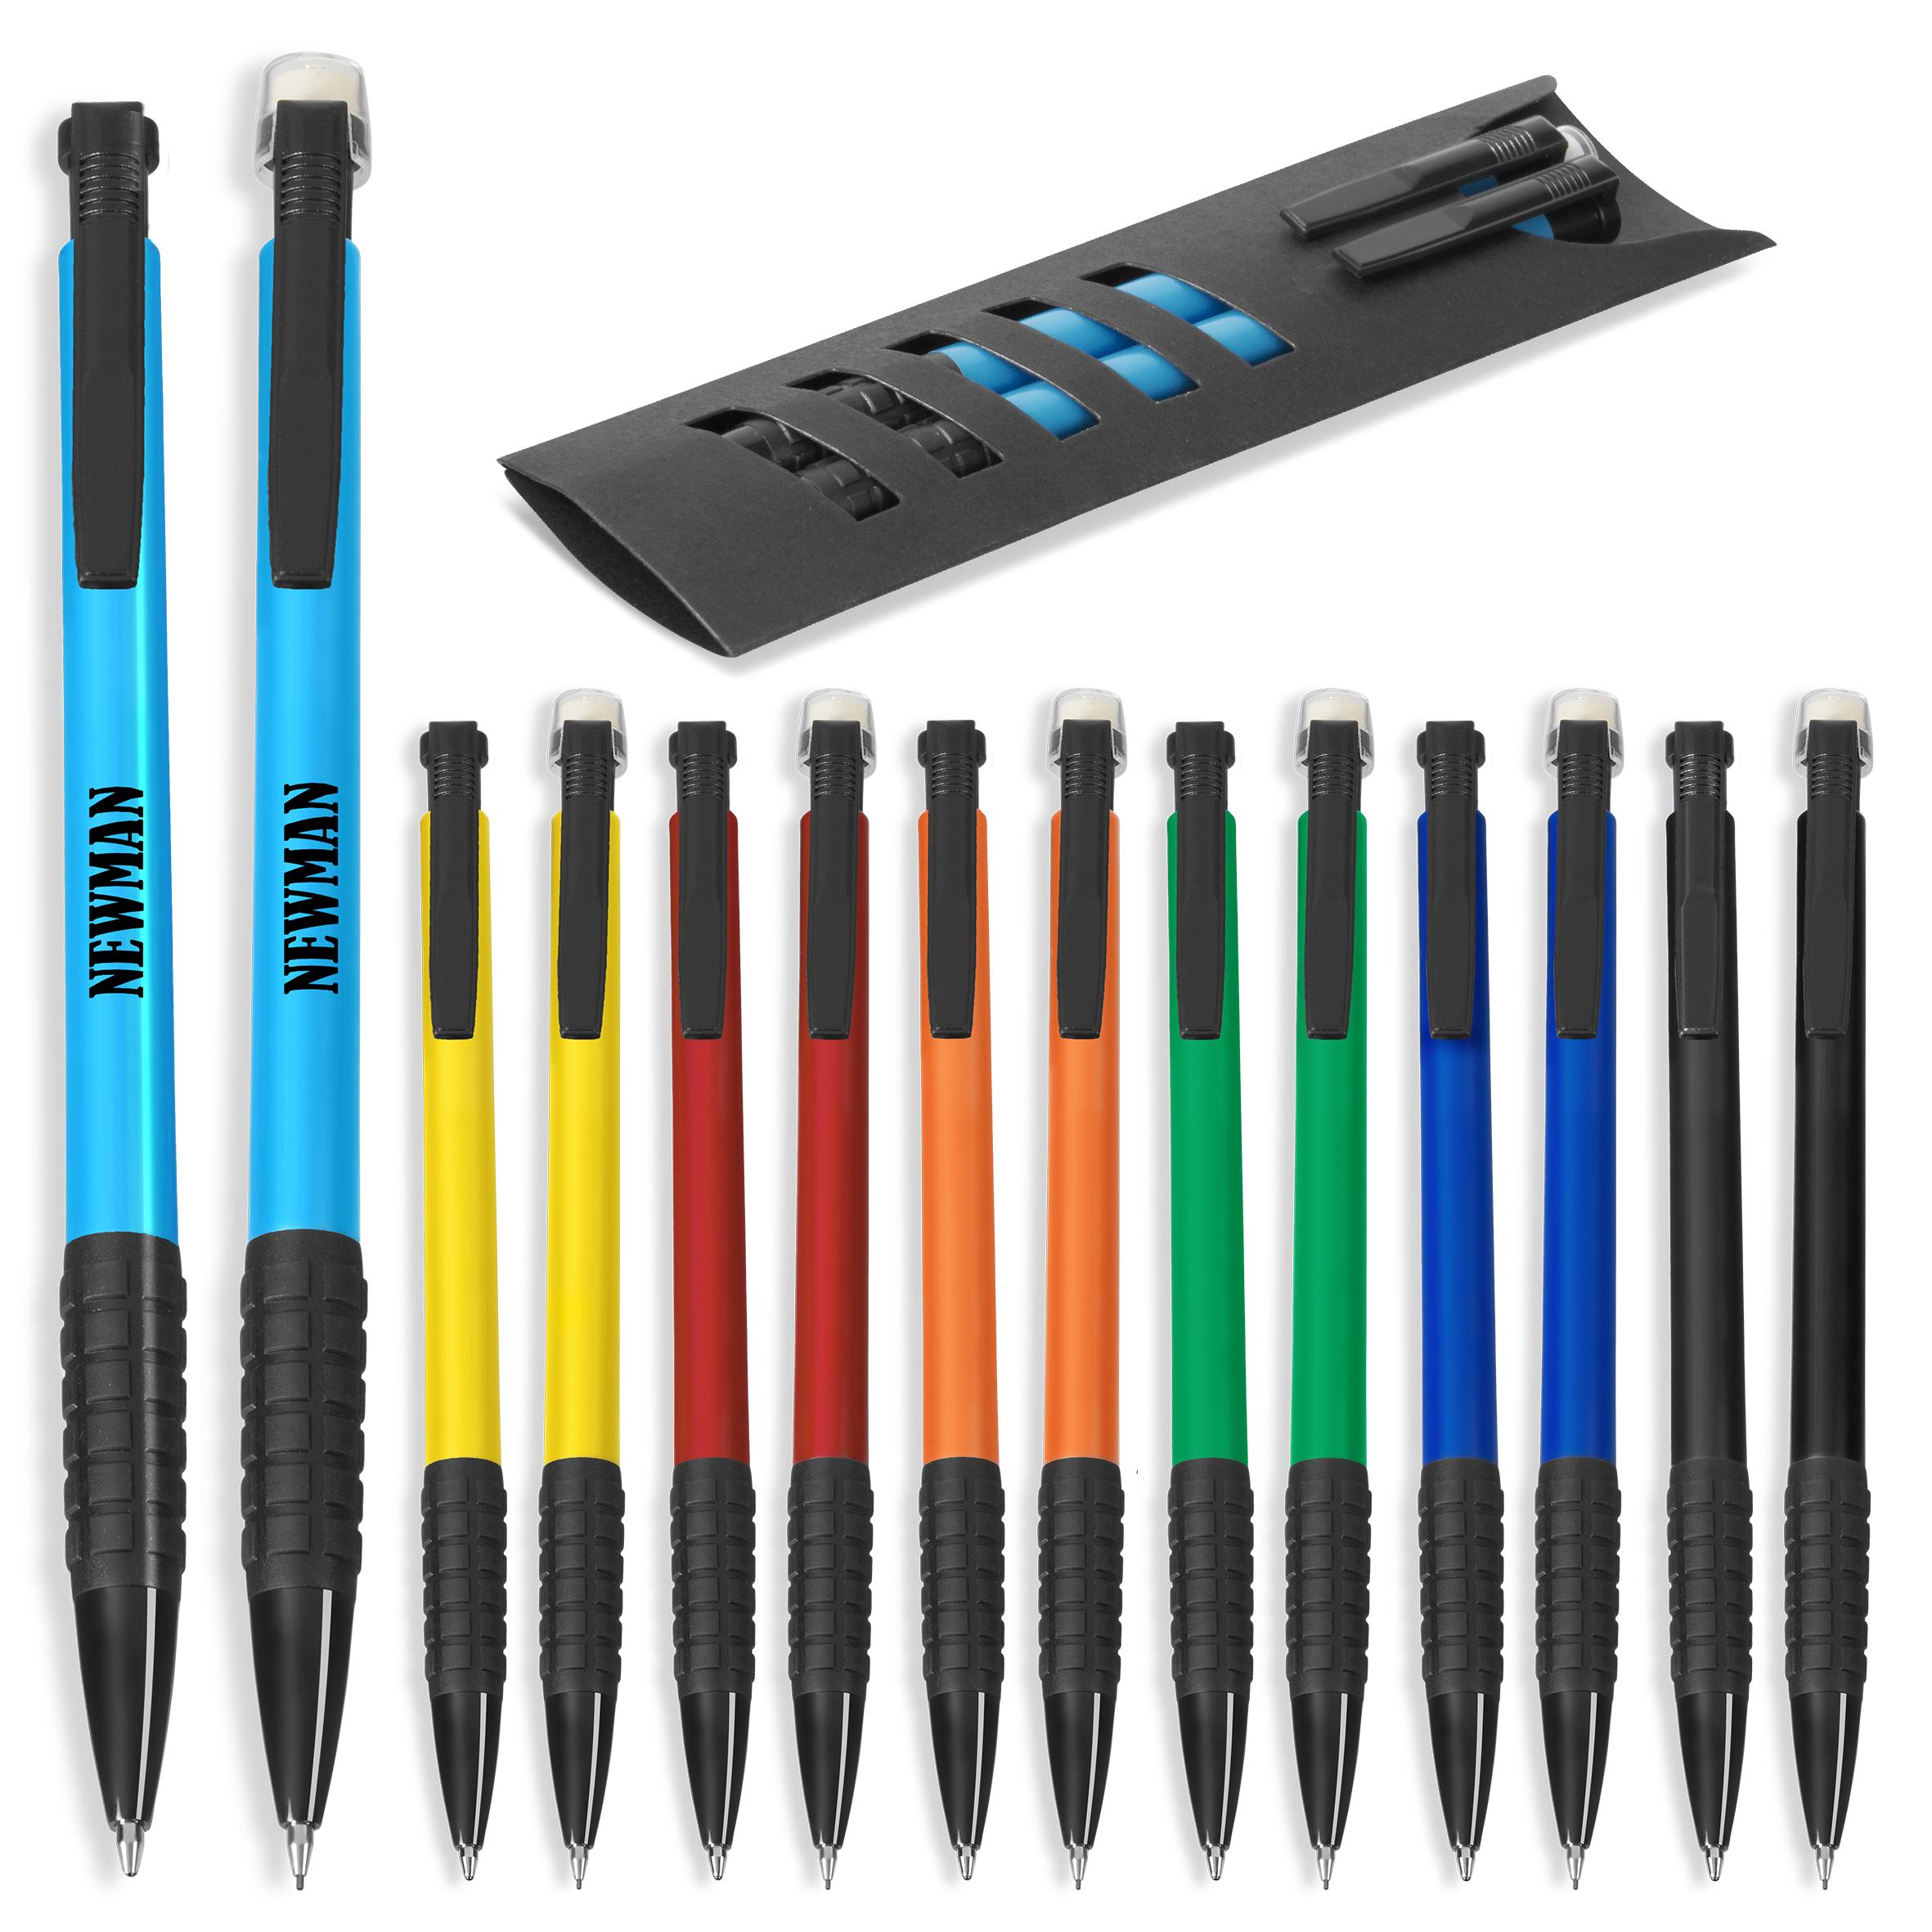 maui pen and clutch pencil set penset 1723